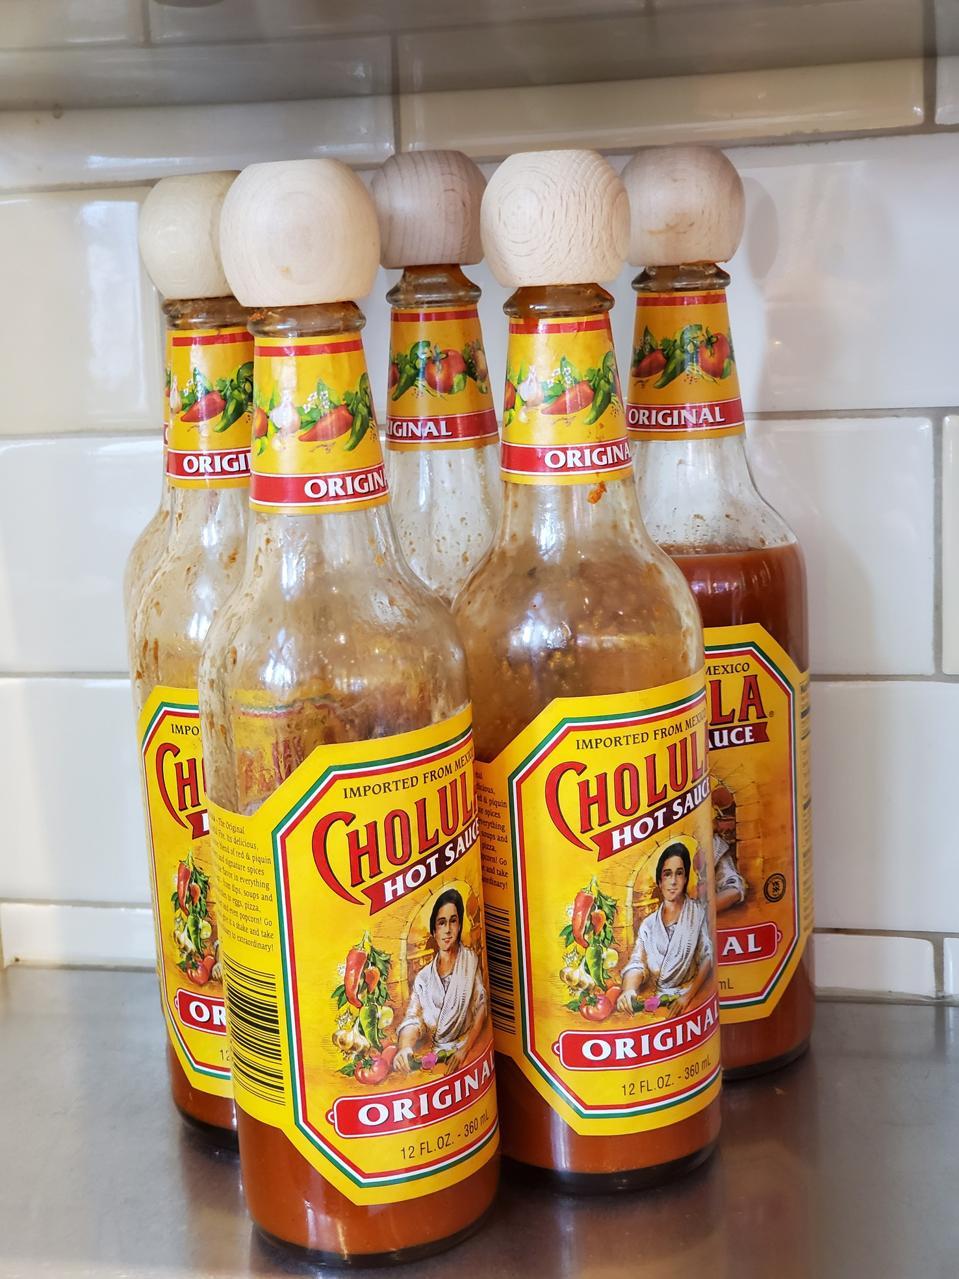 Cholula Sauce